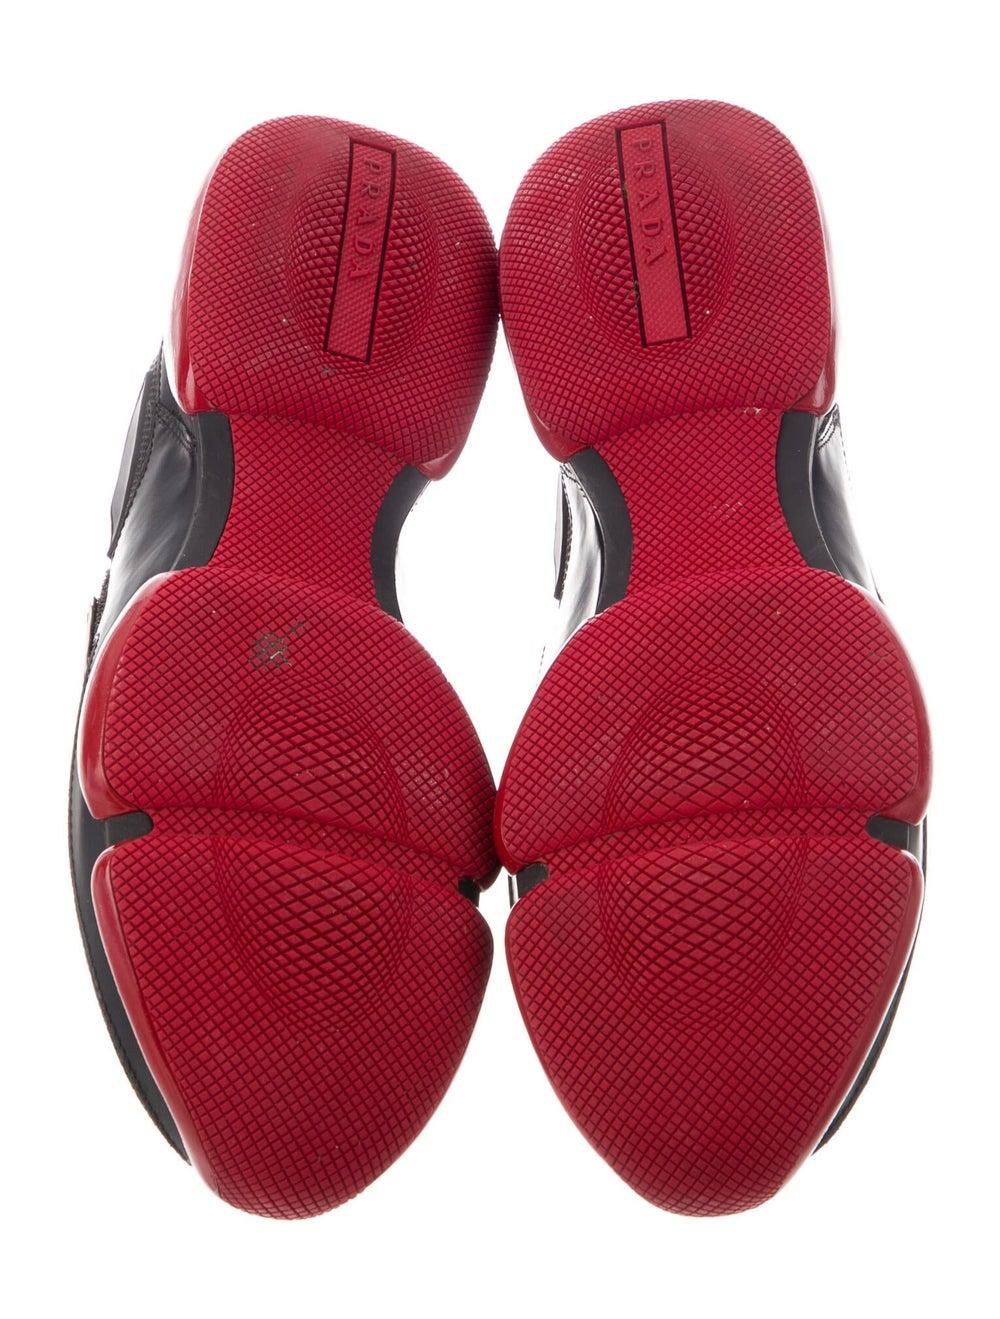 Prada Sneakers Black - image 5